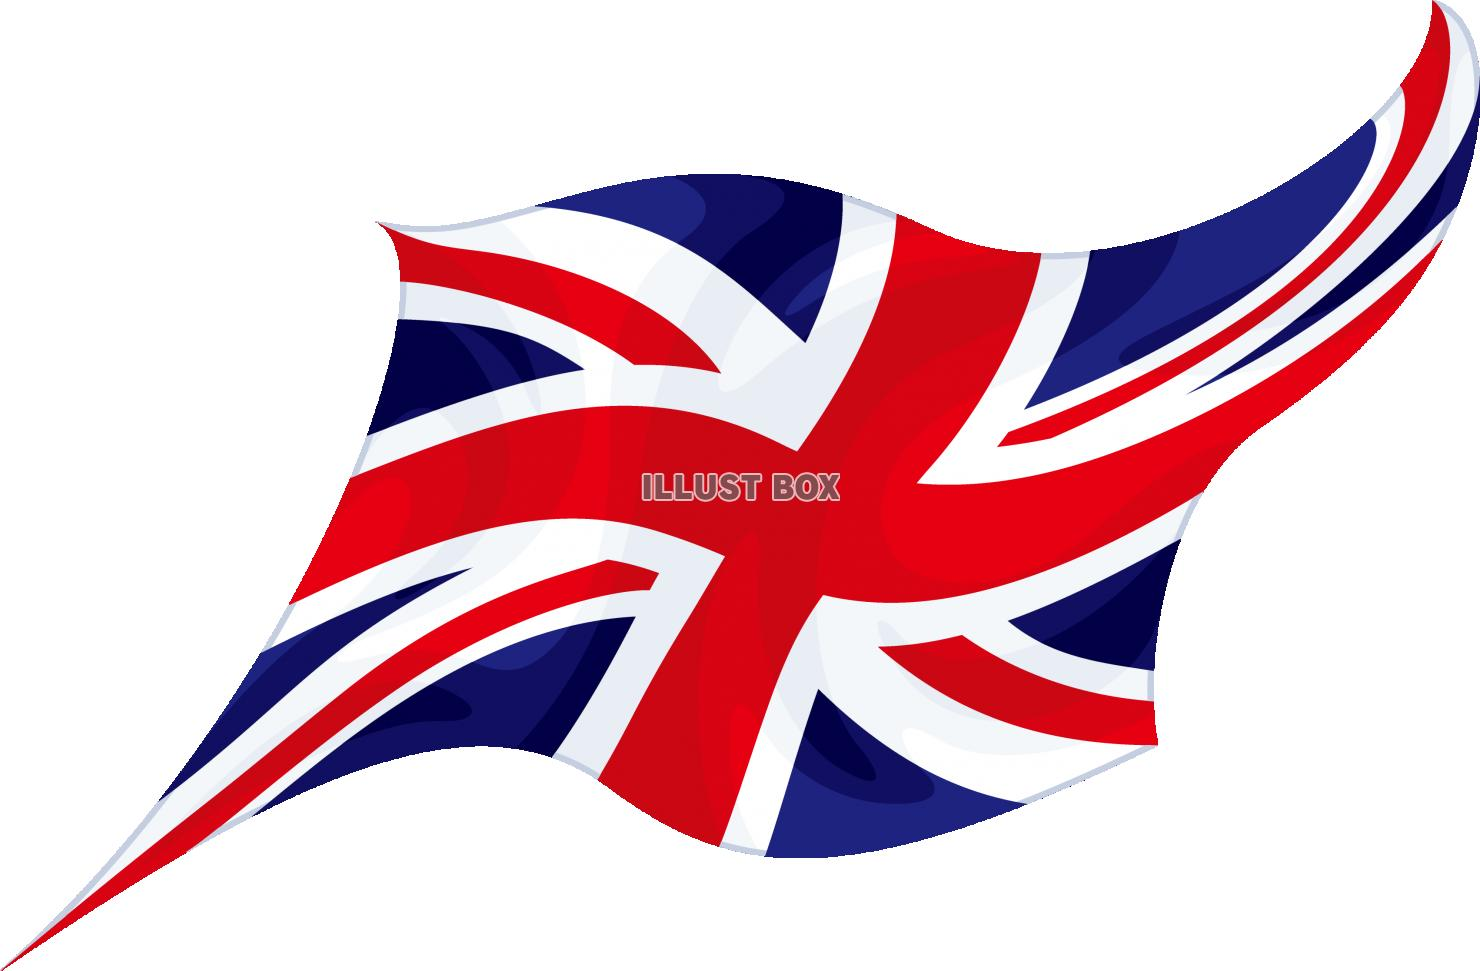 無料イラスト 国旗 イギリス ユニオンジャック